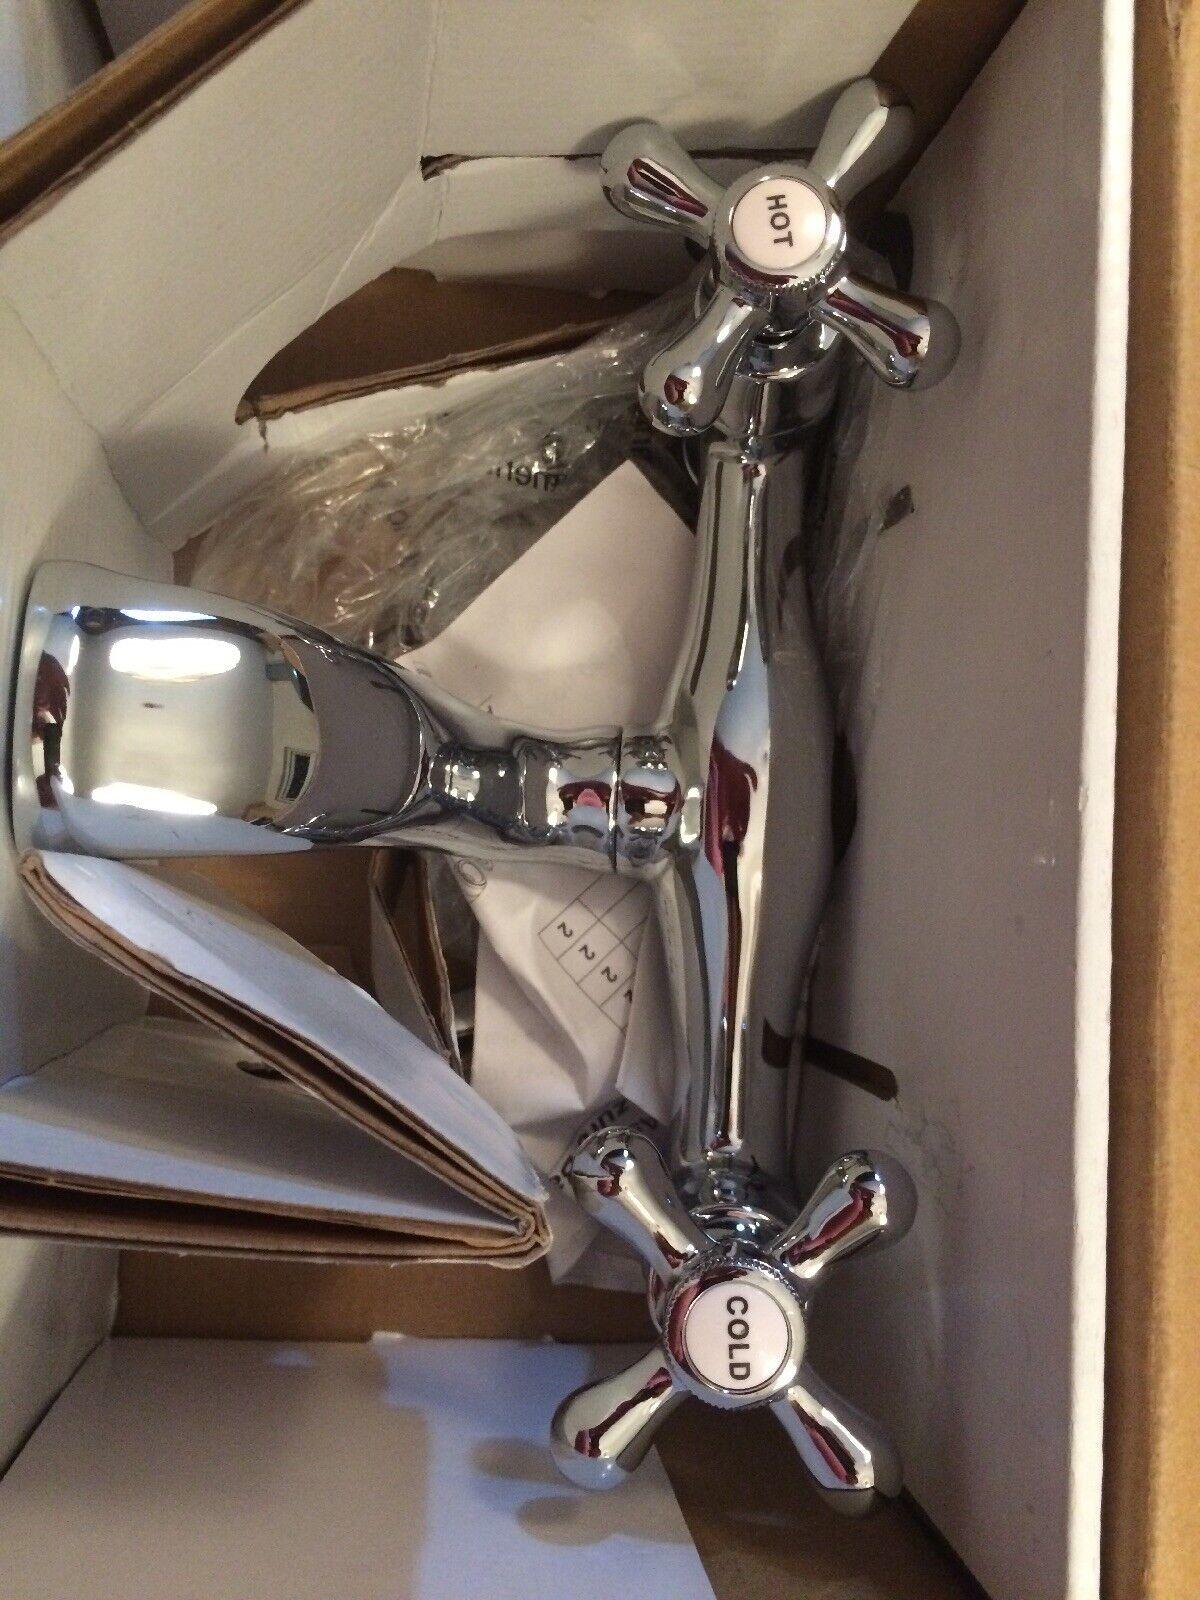 GRAND tradizionale Vittoriano Lavello Bacino Mono Bagno Di Riempimento Rubinetti Doccia Cromato CROSS